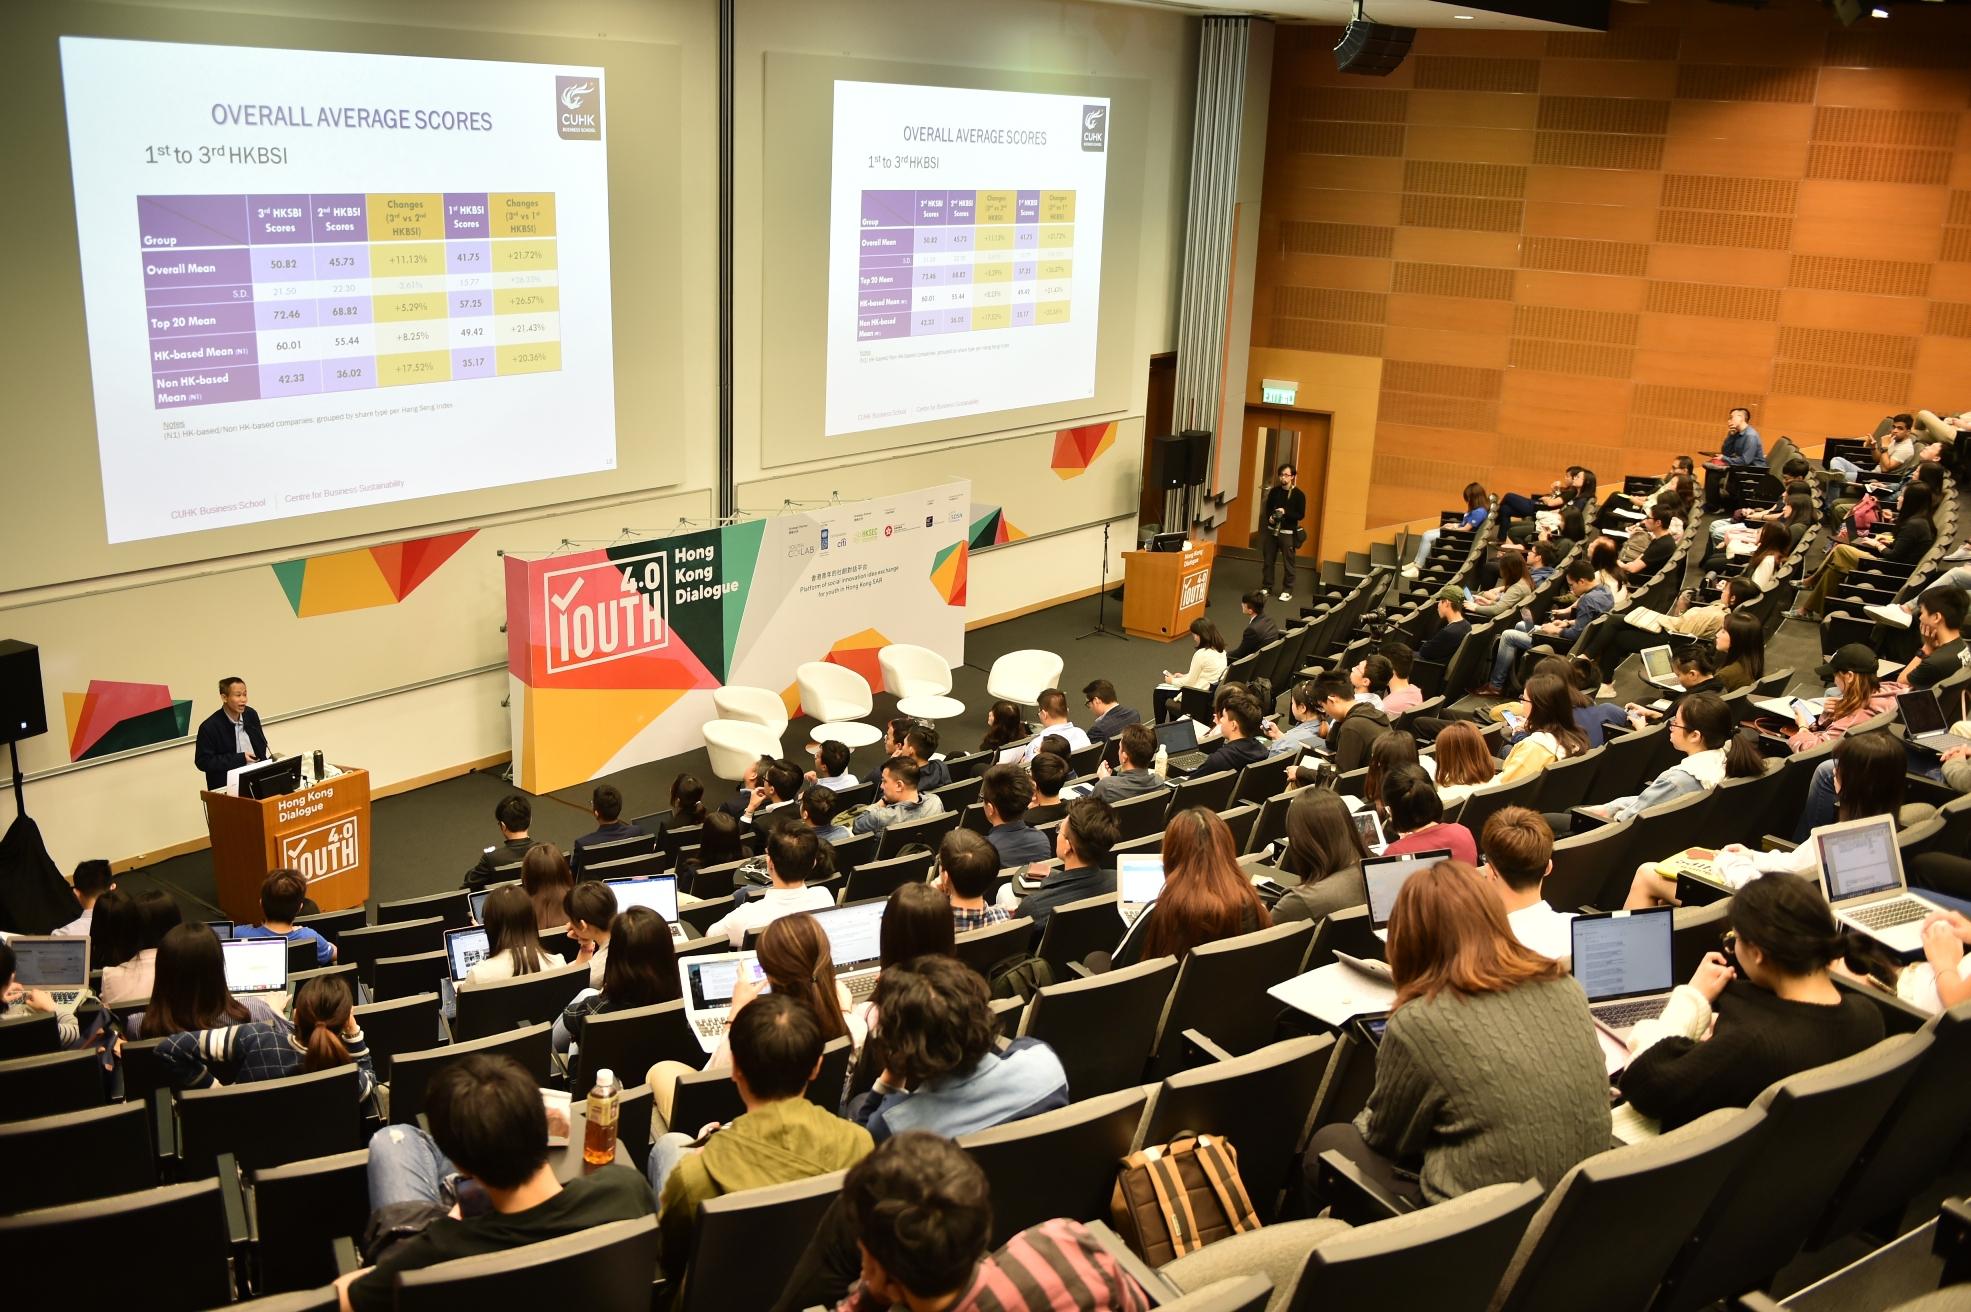 論壇吸引近200位參加者出席。